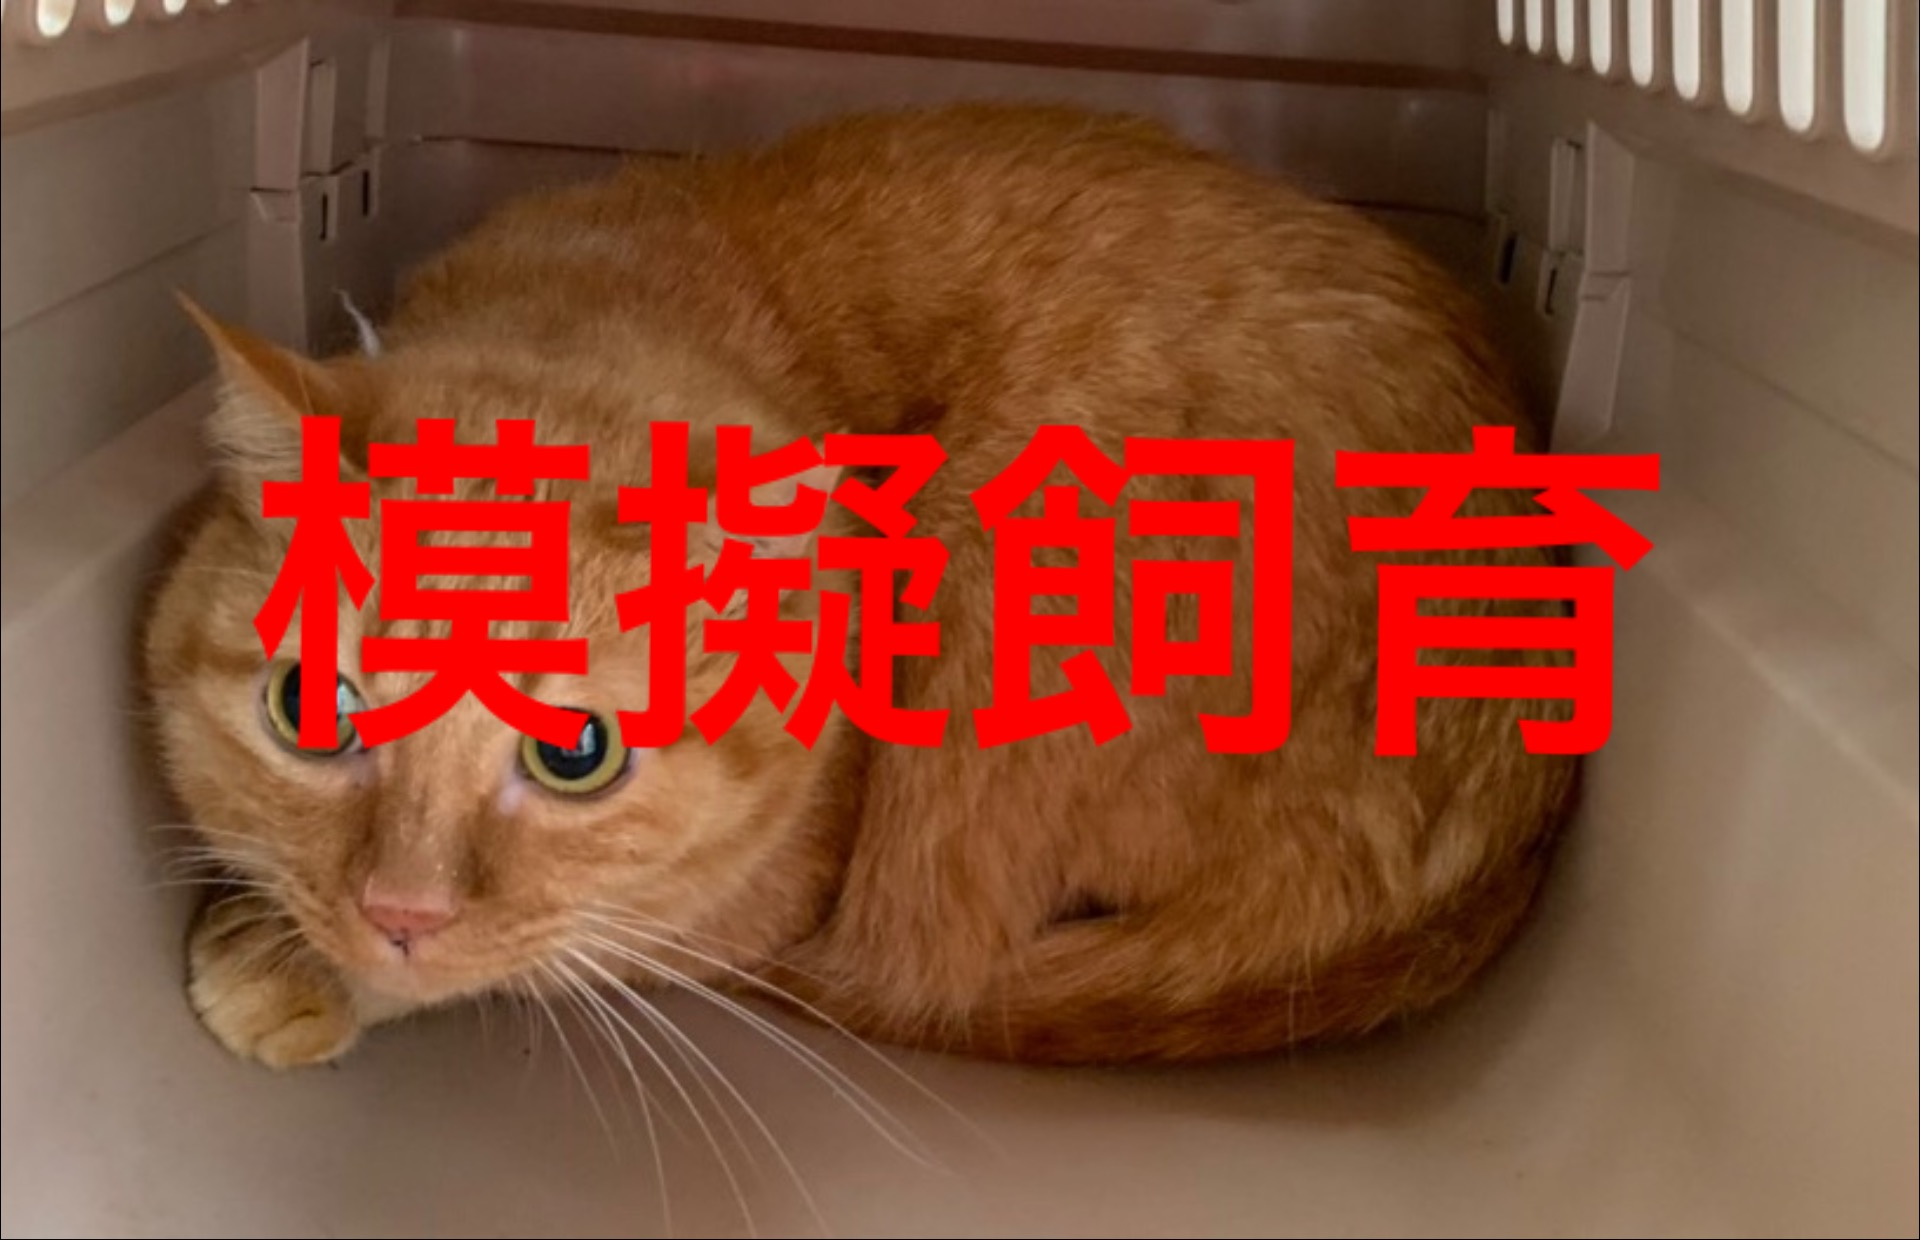 <ul> <li>H11-6</li> <li>猫種:日本猫 茶トラ</li> <li>性別:女の子</li> <li>名前:かずは</li> <li>年齢:5歳</li> <li>保護経緯:飼い主様の諸事情により飼育困難になりました</li> </ul>